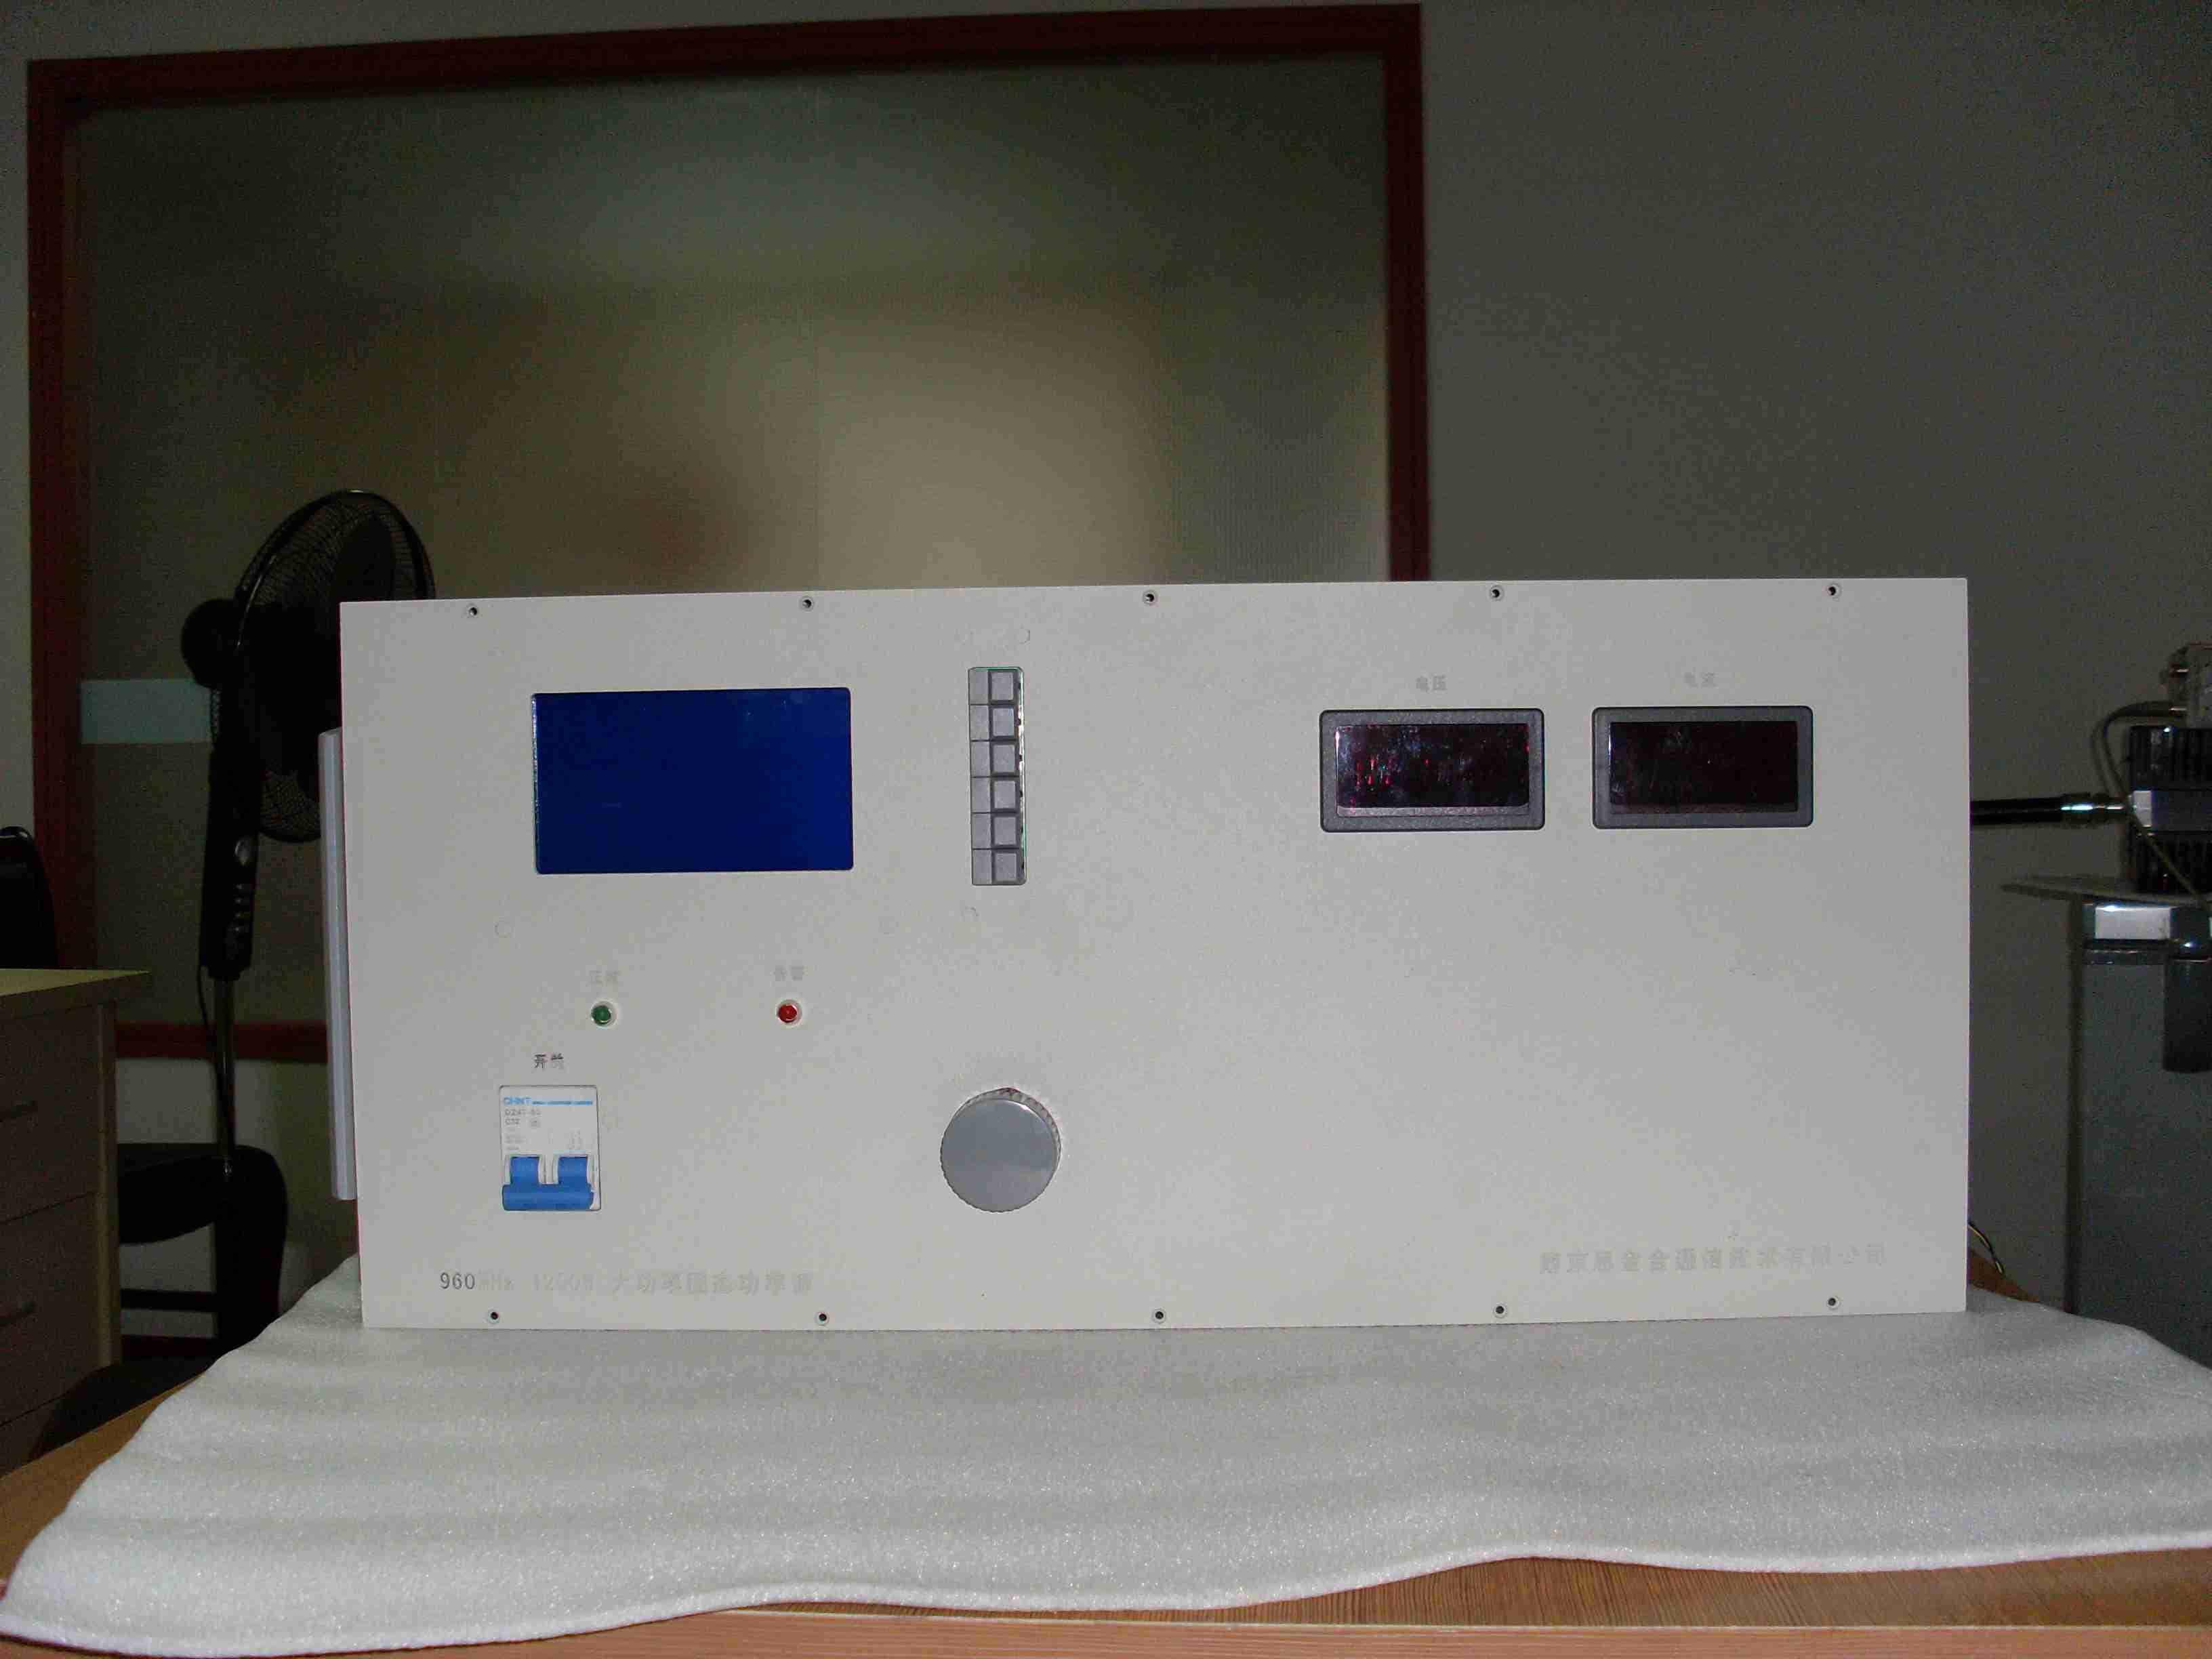 410-450 MHz 40W脉冲功率抓饭直播篮球直播